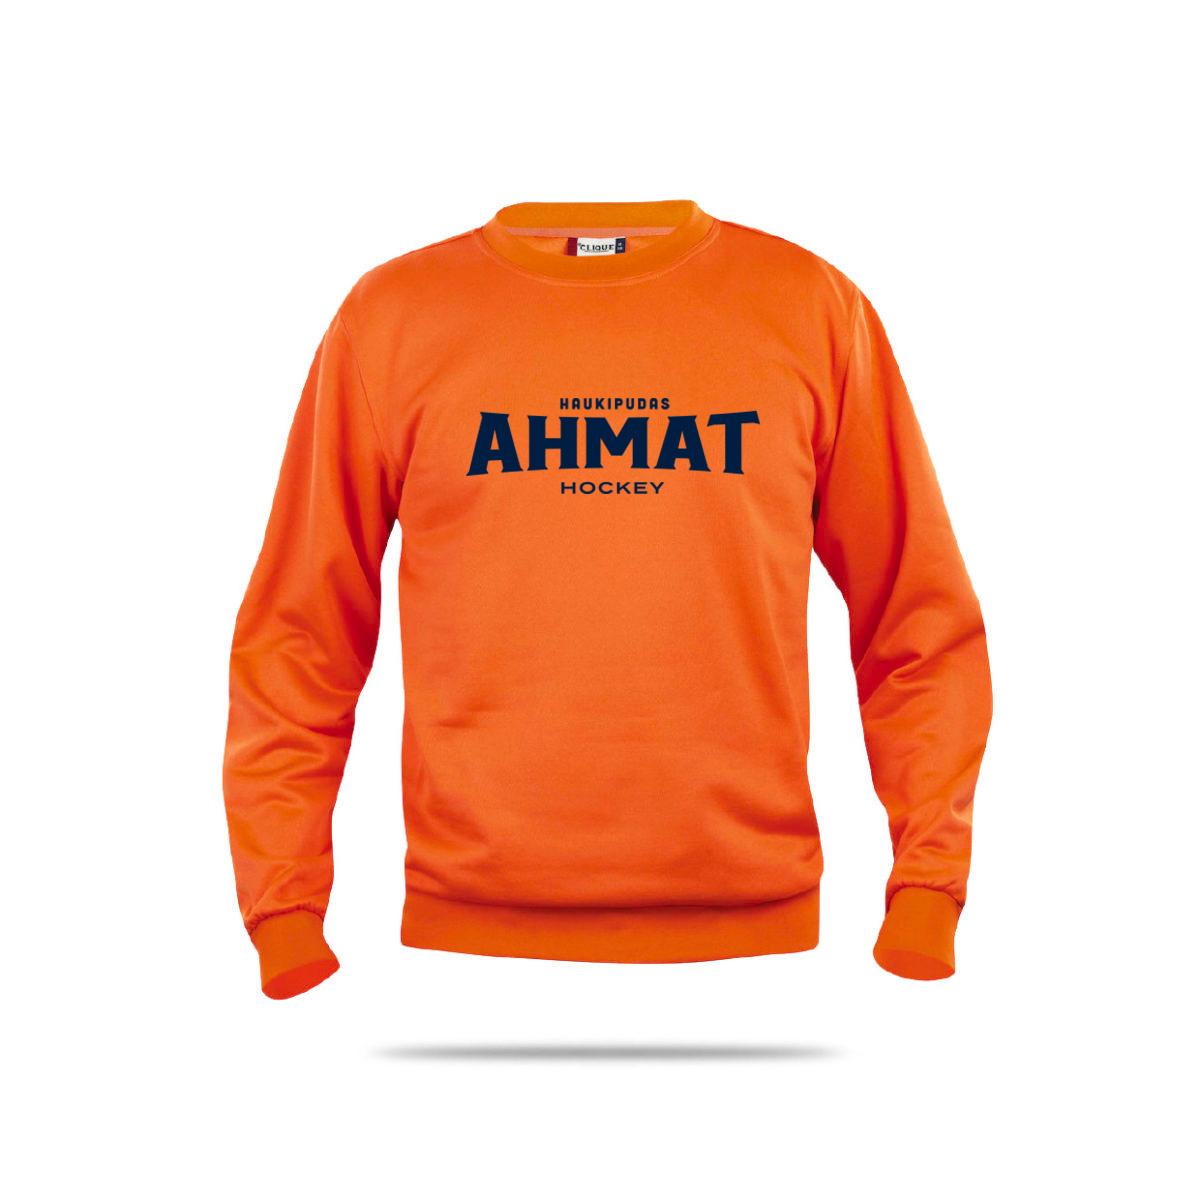 Ahmat-fani-3023-oranssi-text